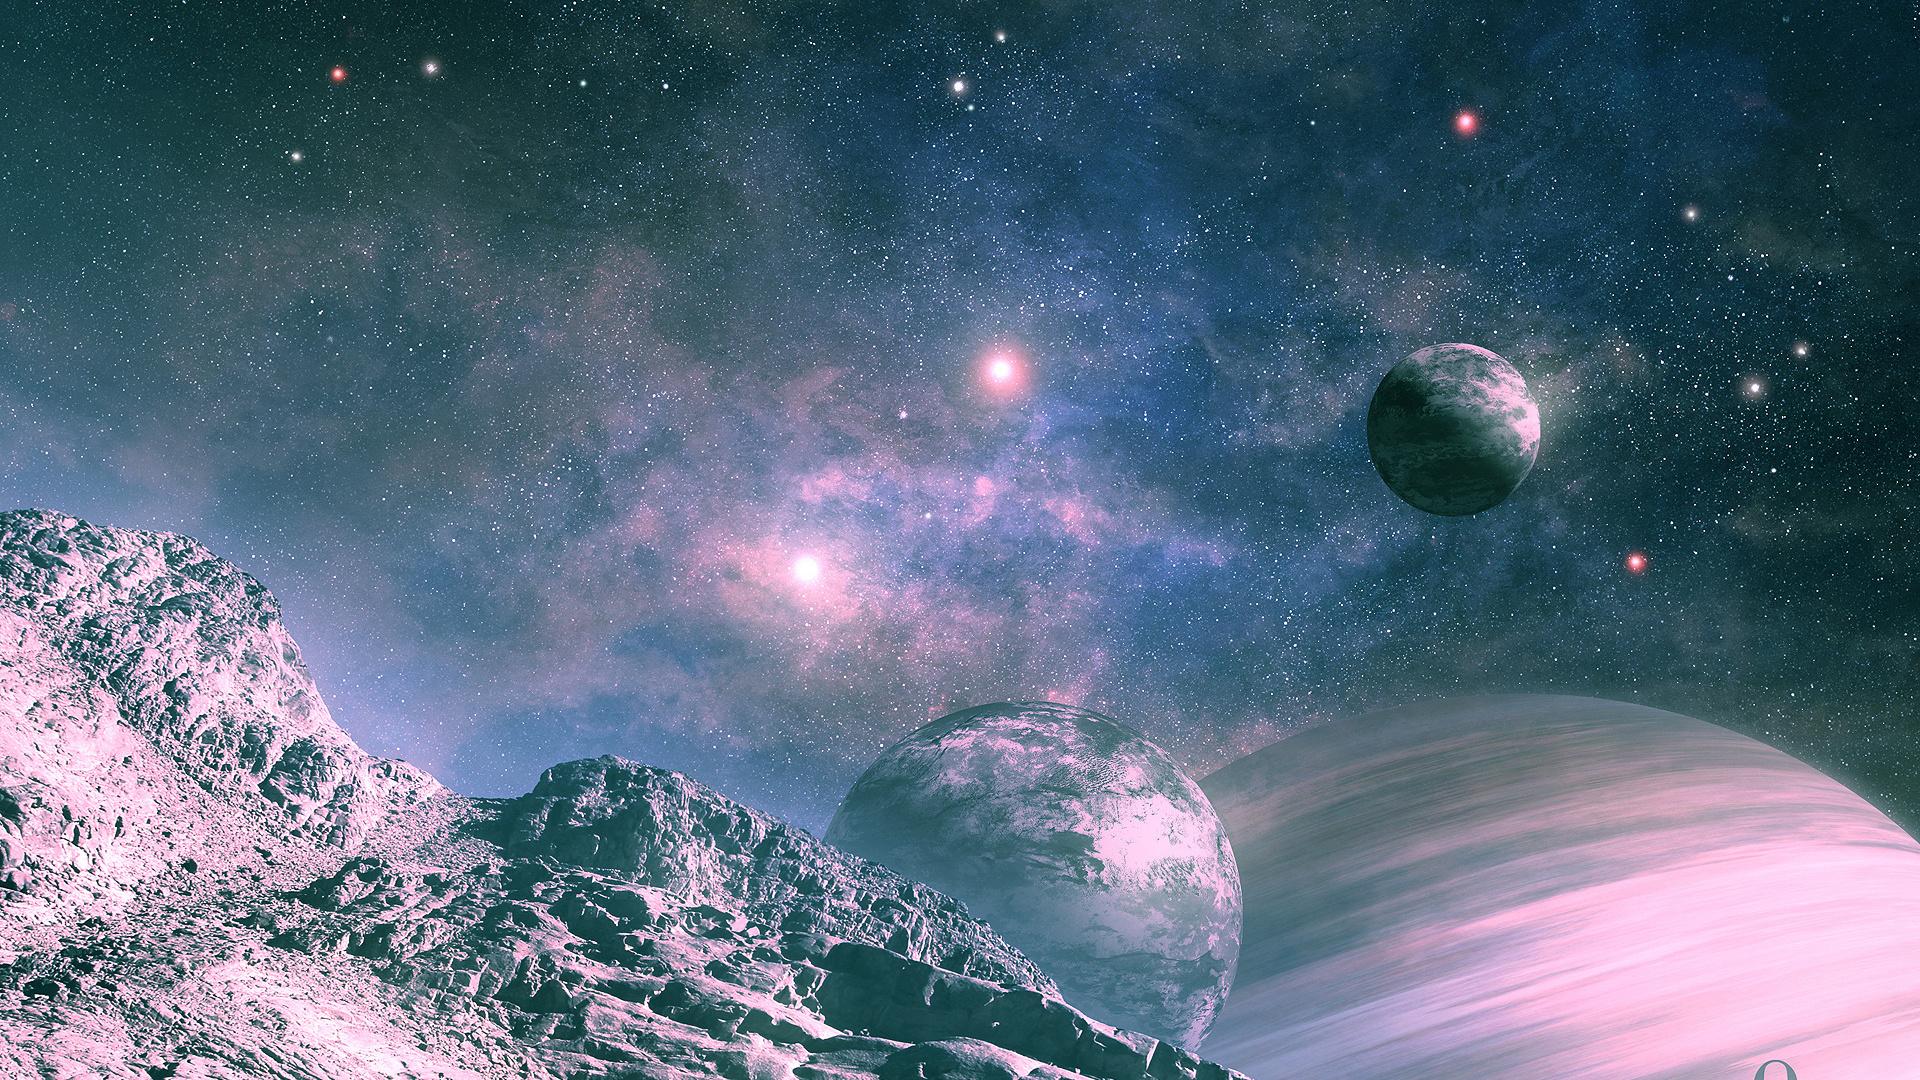 Картинки на рабочий стол космос планеты звезды